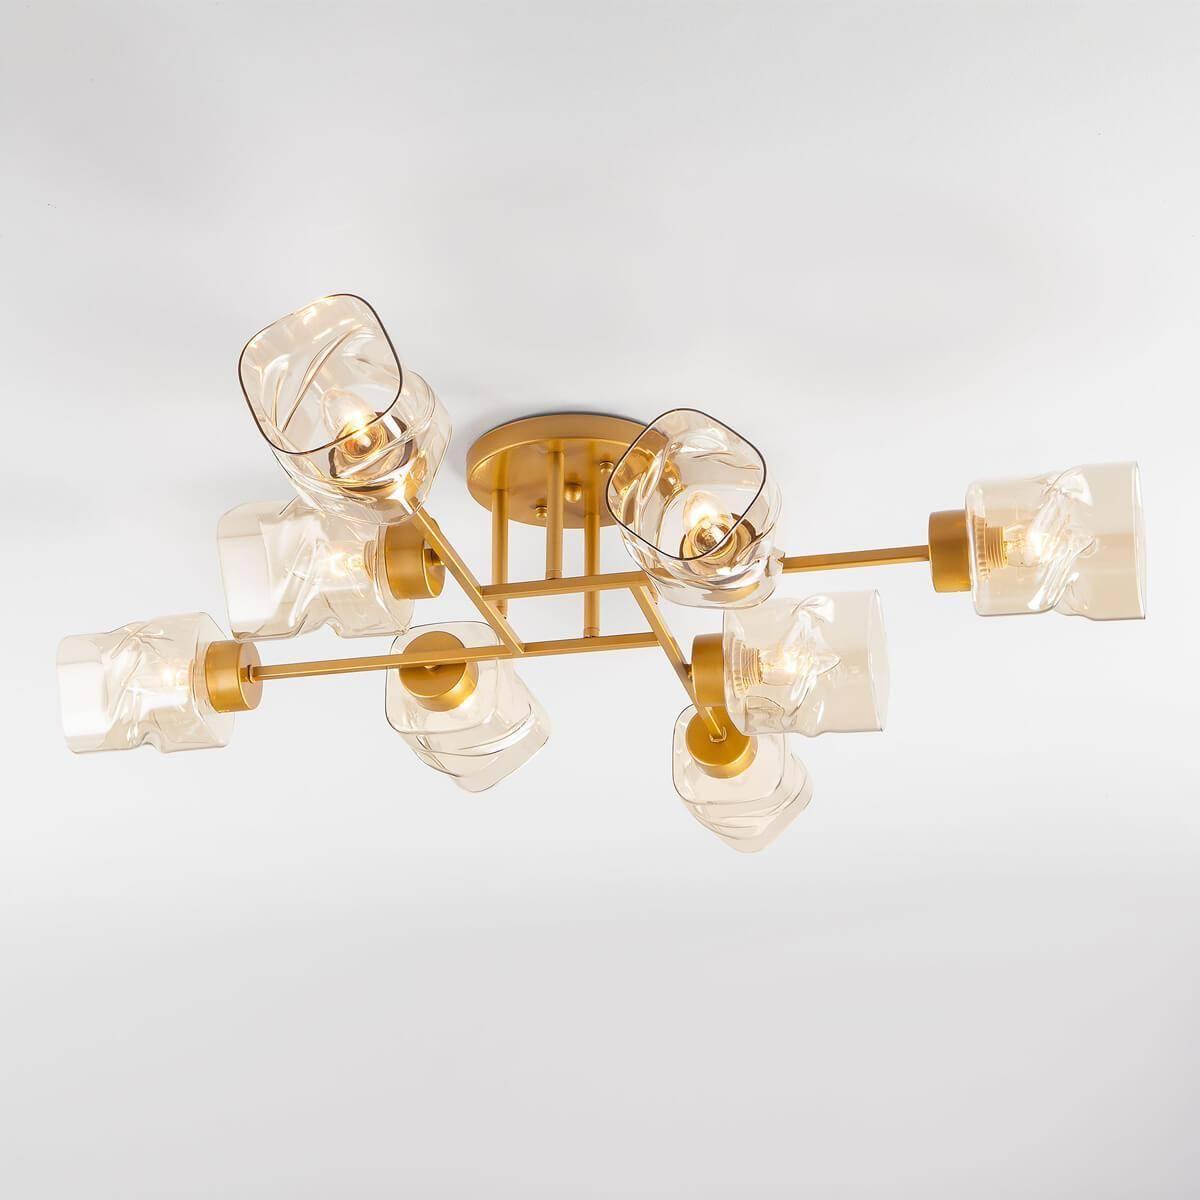 Потолочная люстра Eurosvet Hilari 30165/8 перламутровое золото